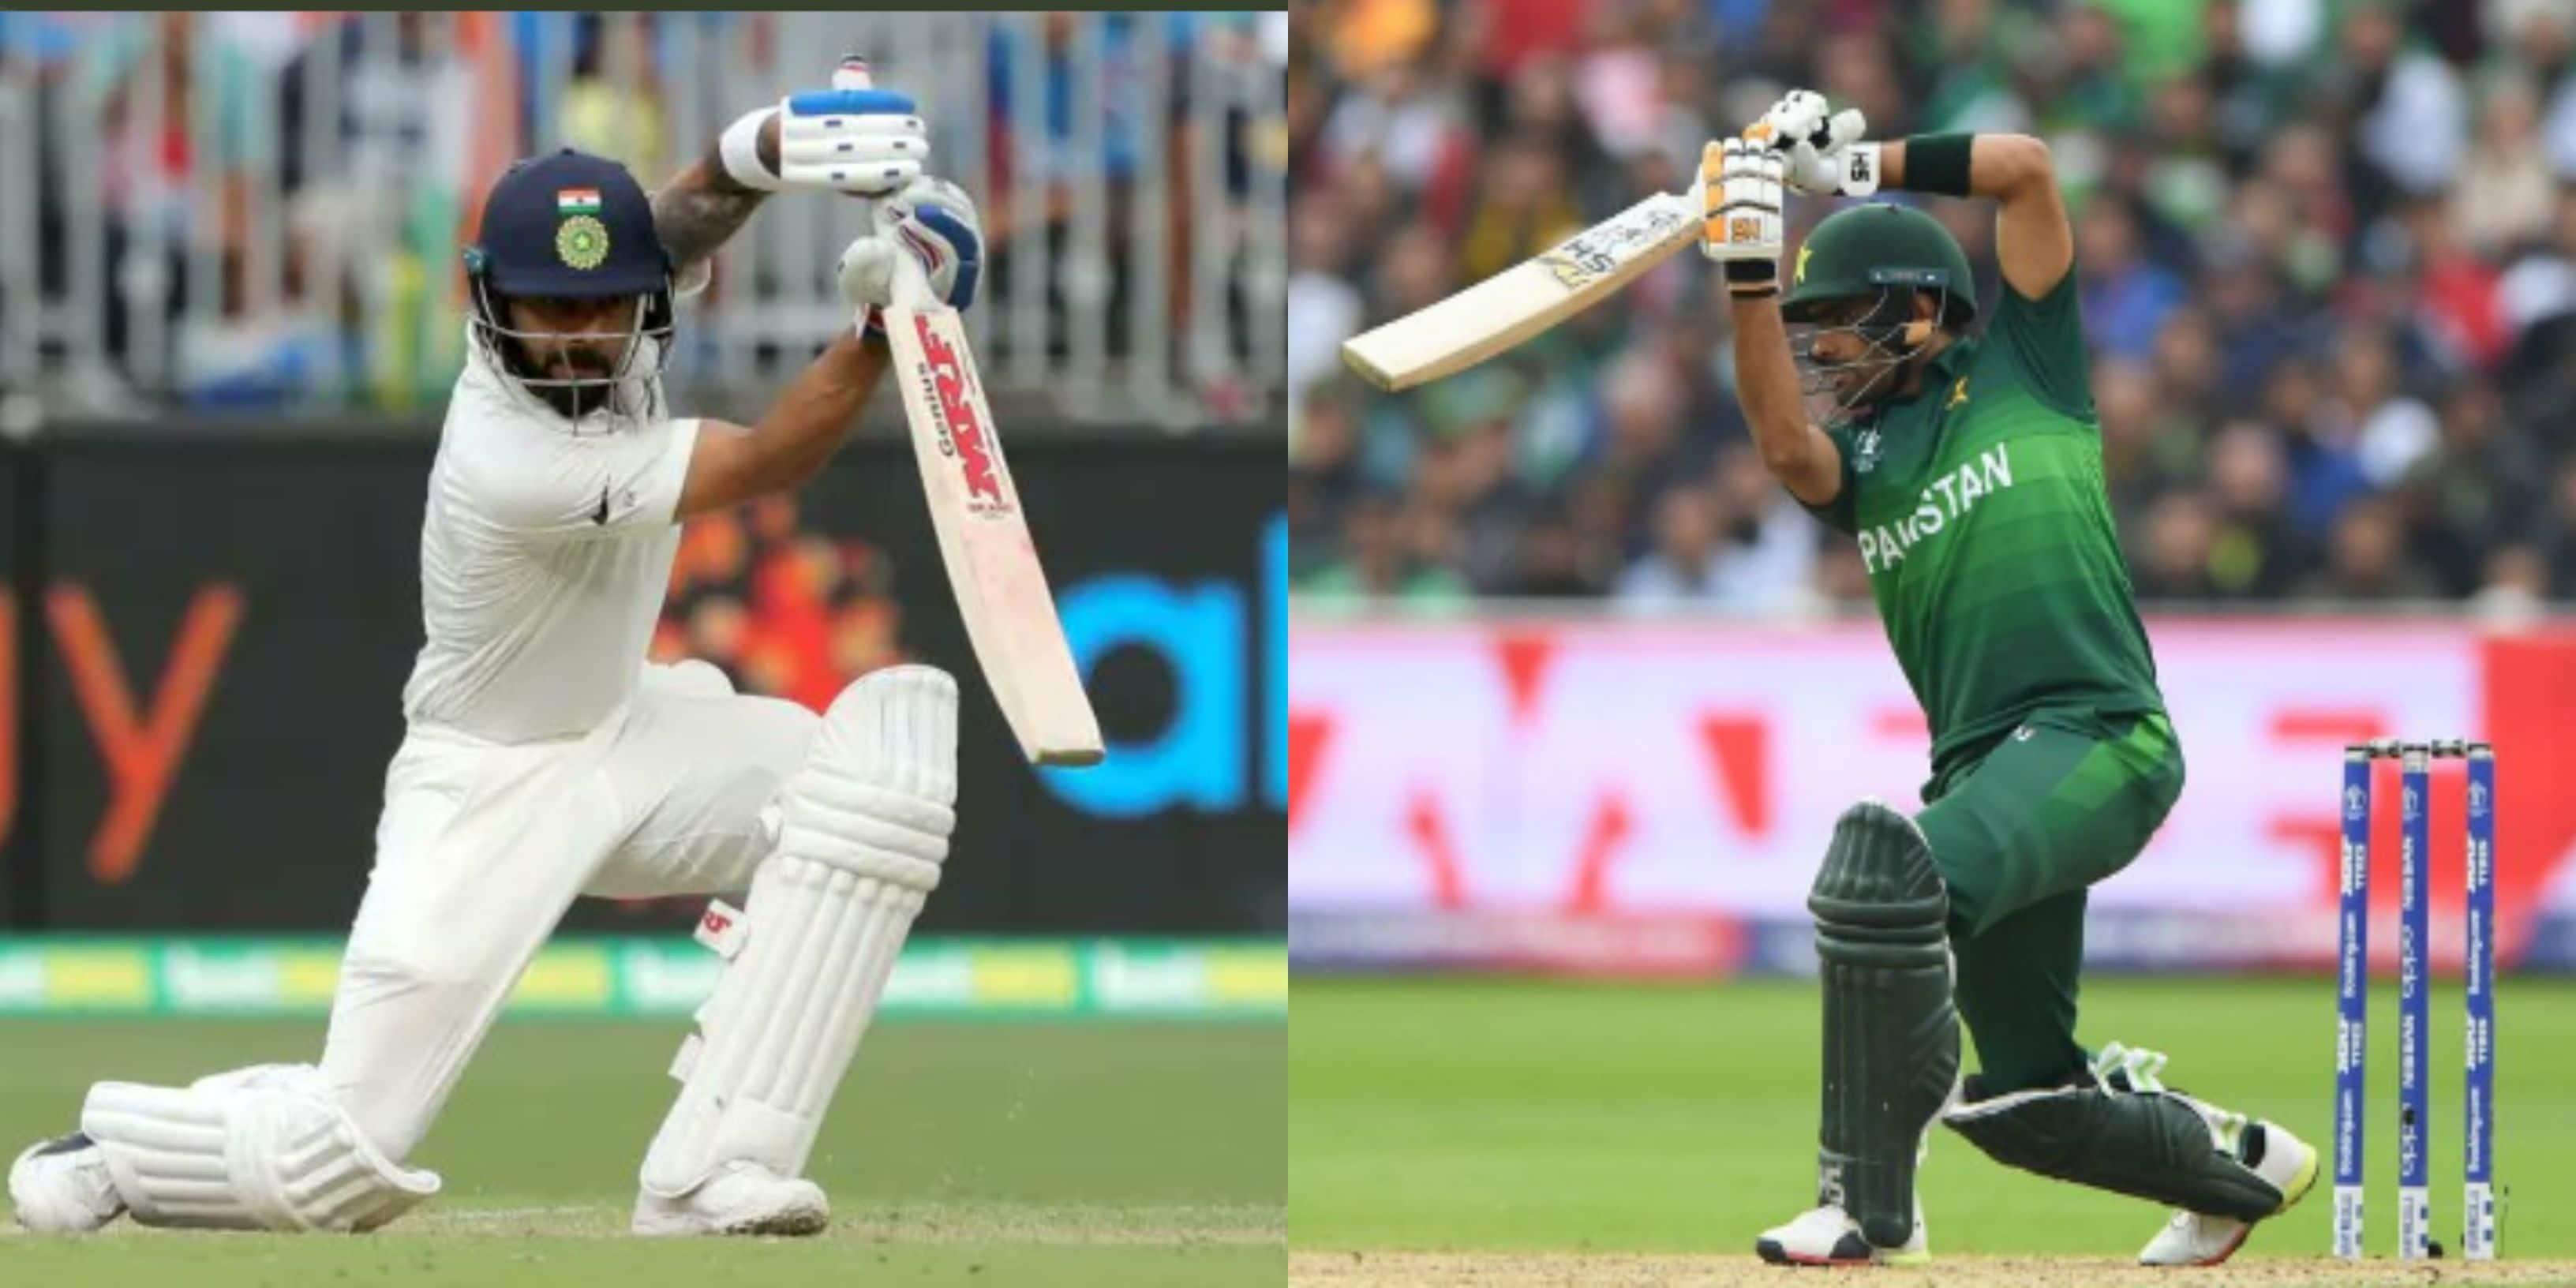 Virat Kohli, Babar Azam play in a straight line Like Sachin Tendulkar : Ian Bishop